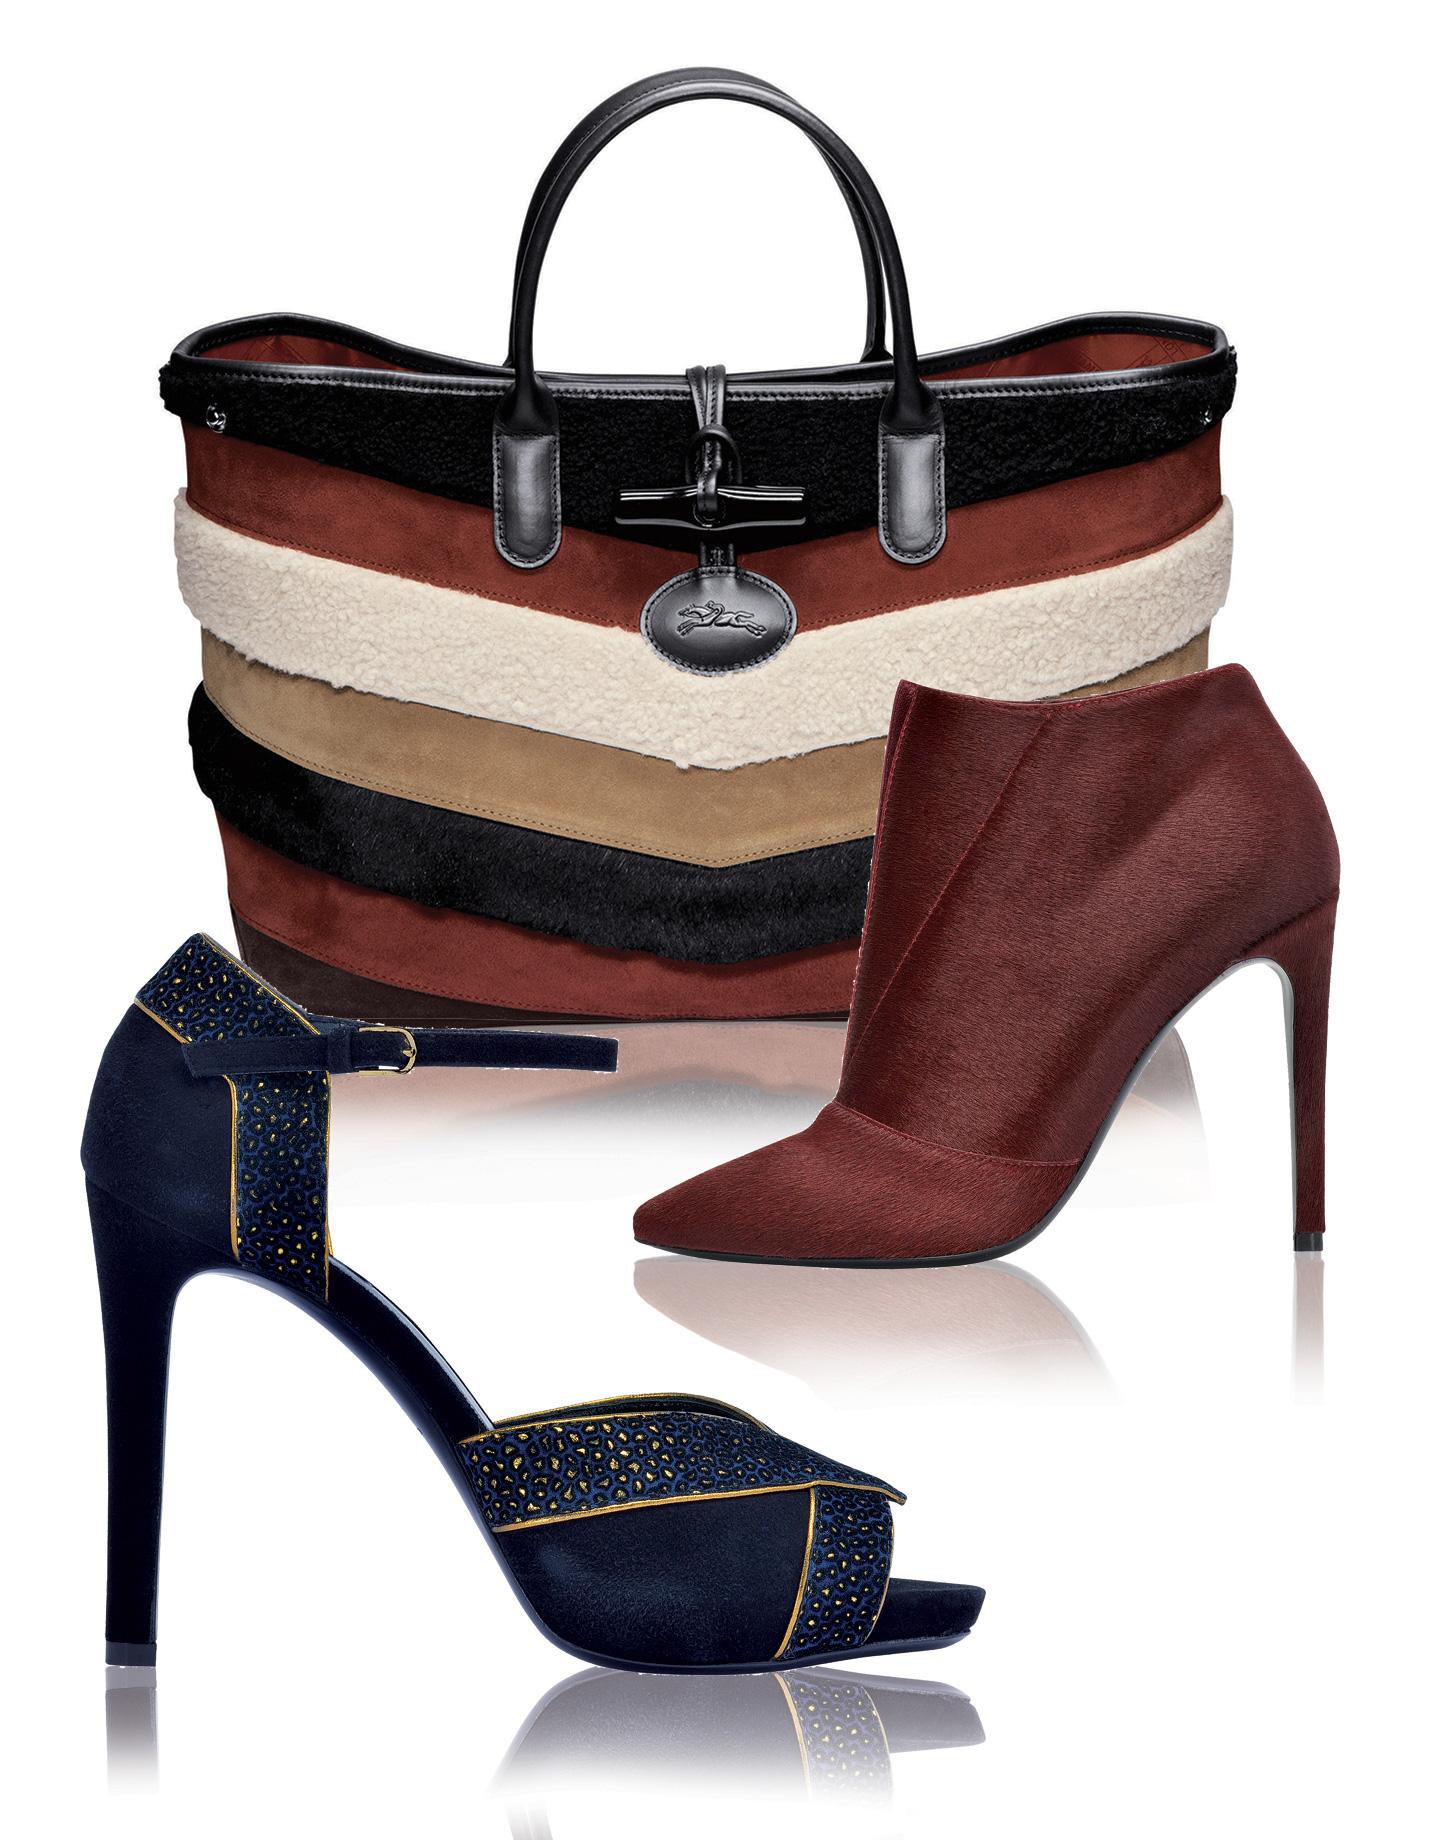 mode-luxe-nouveau-flagship-longchamp-saint-honore-sac-chaussure-roseau-paris